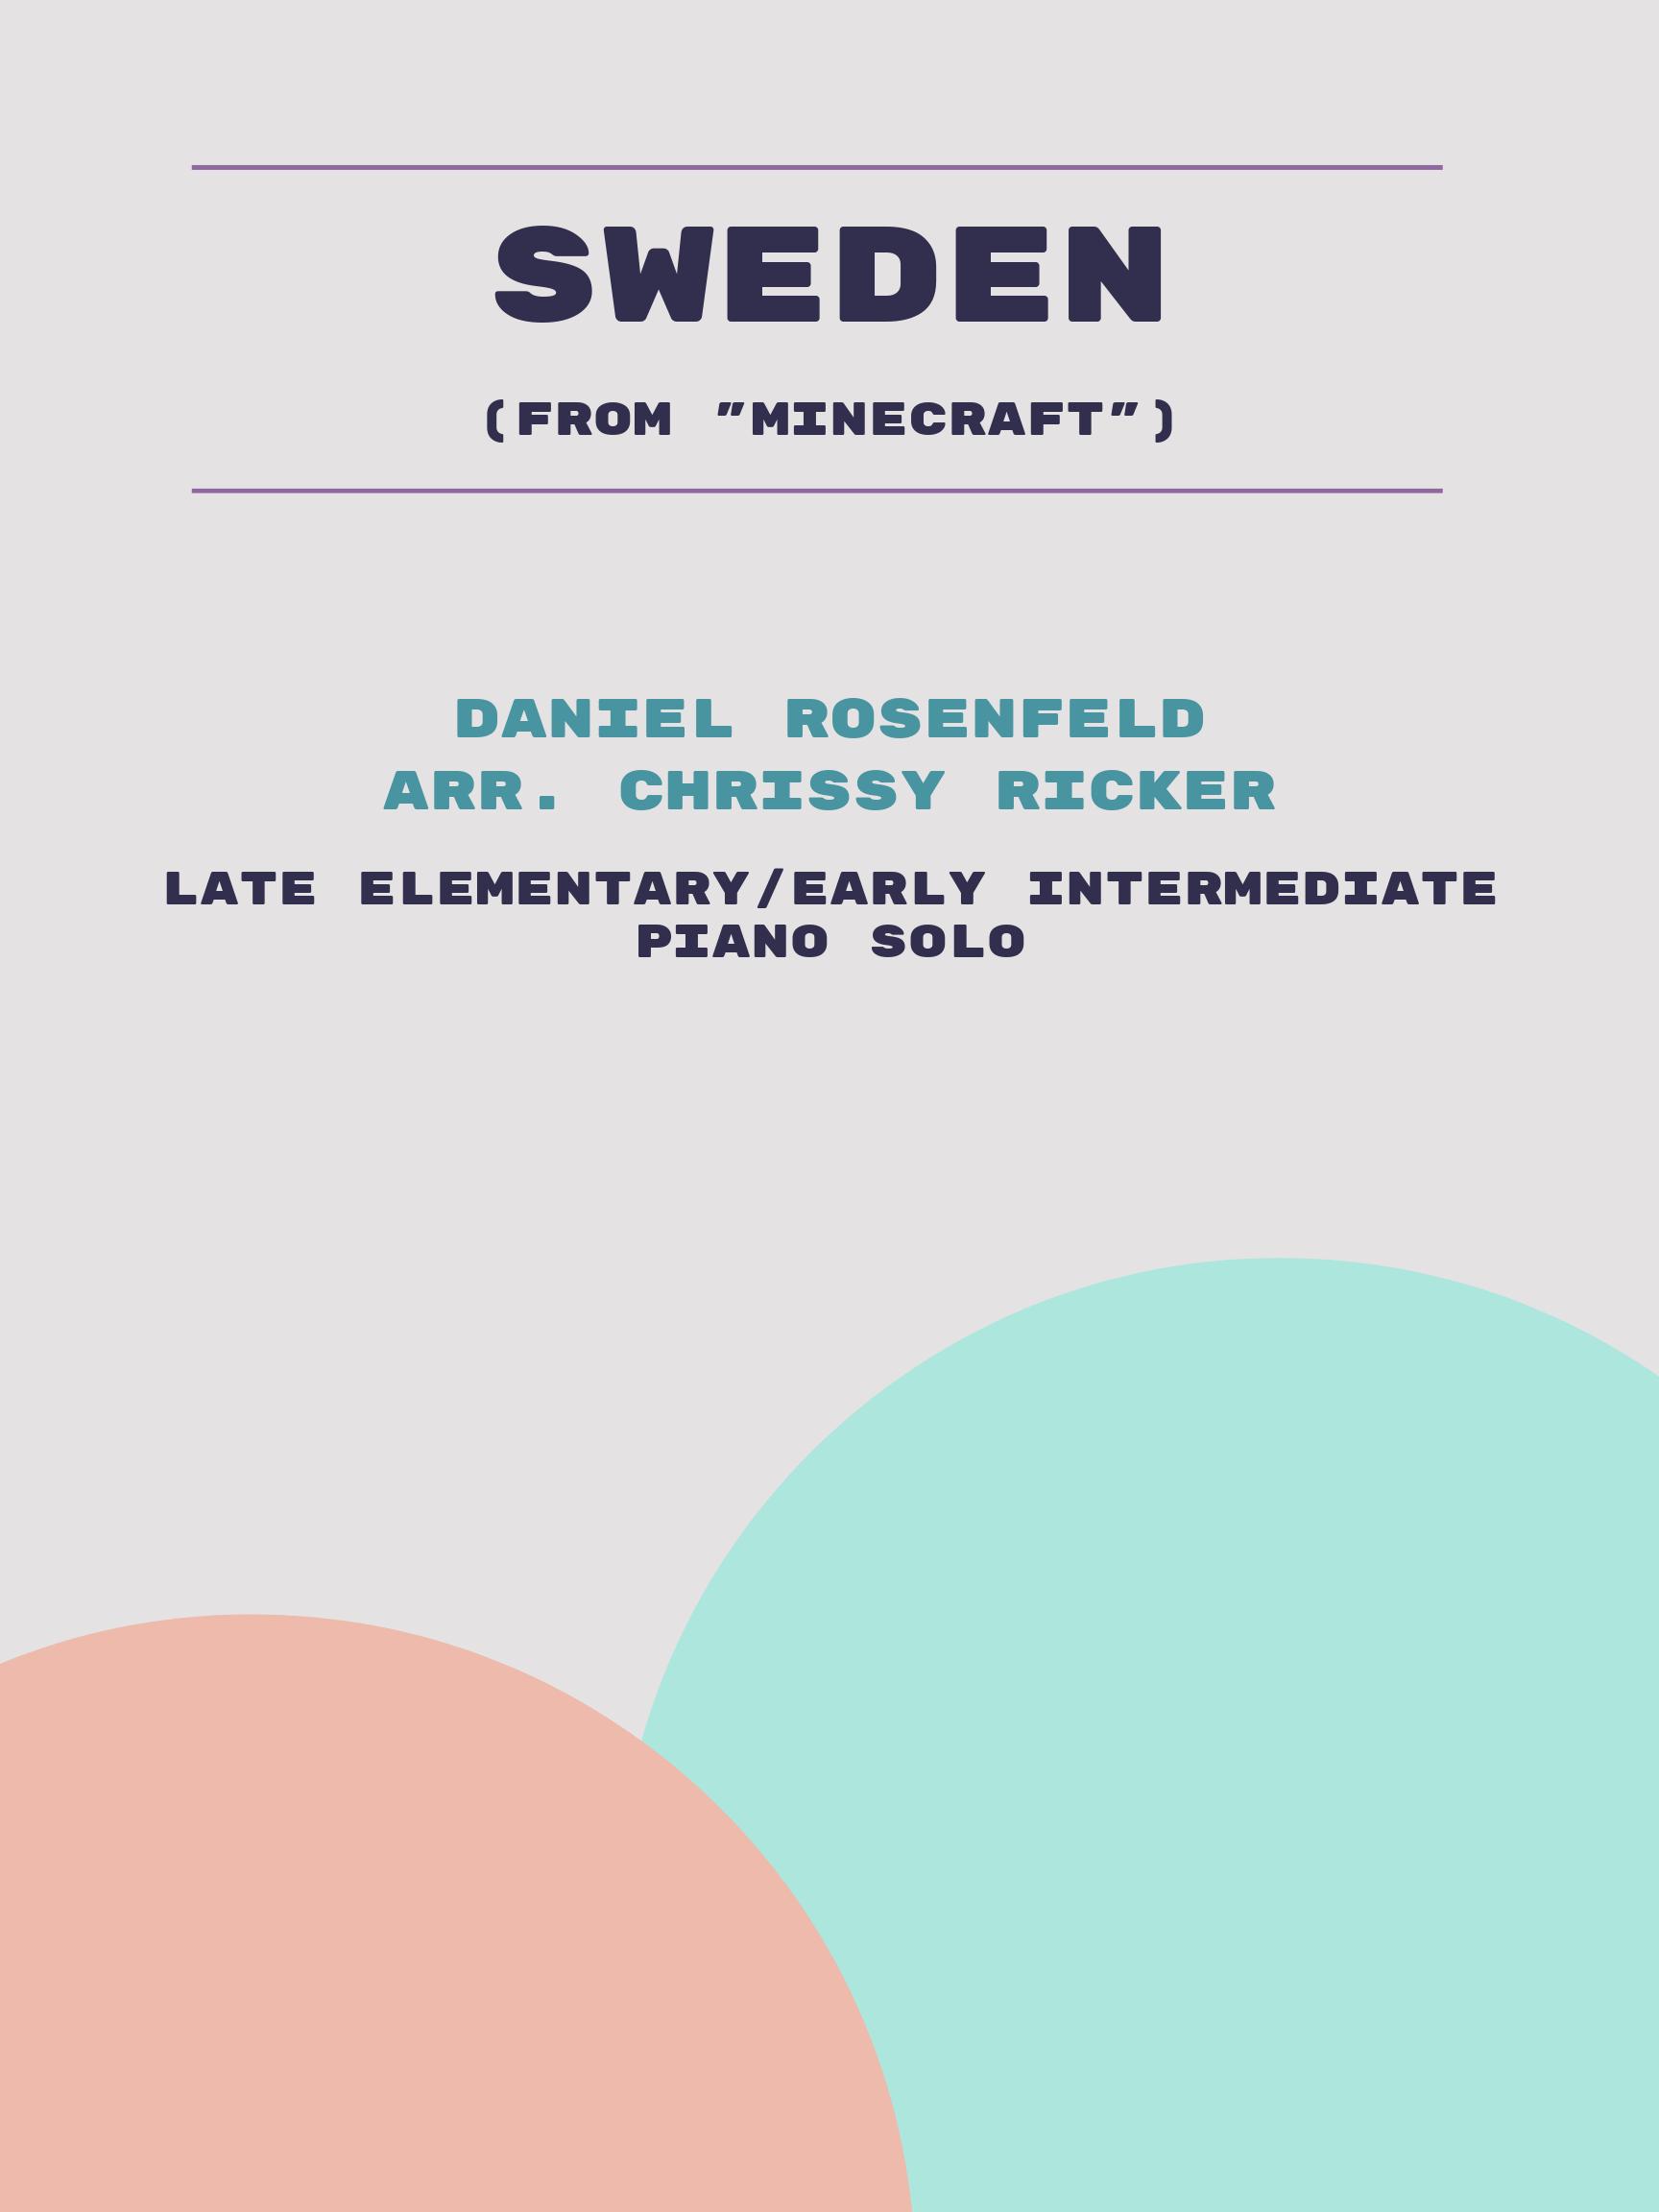 Sweden by Daniel Rosenfeld